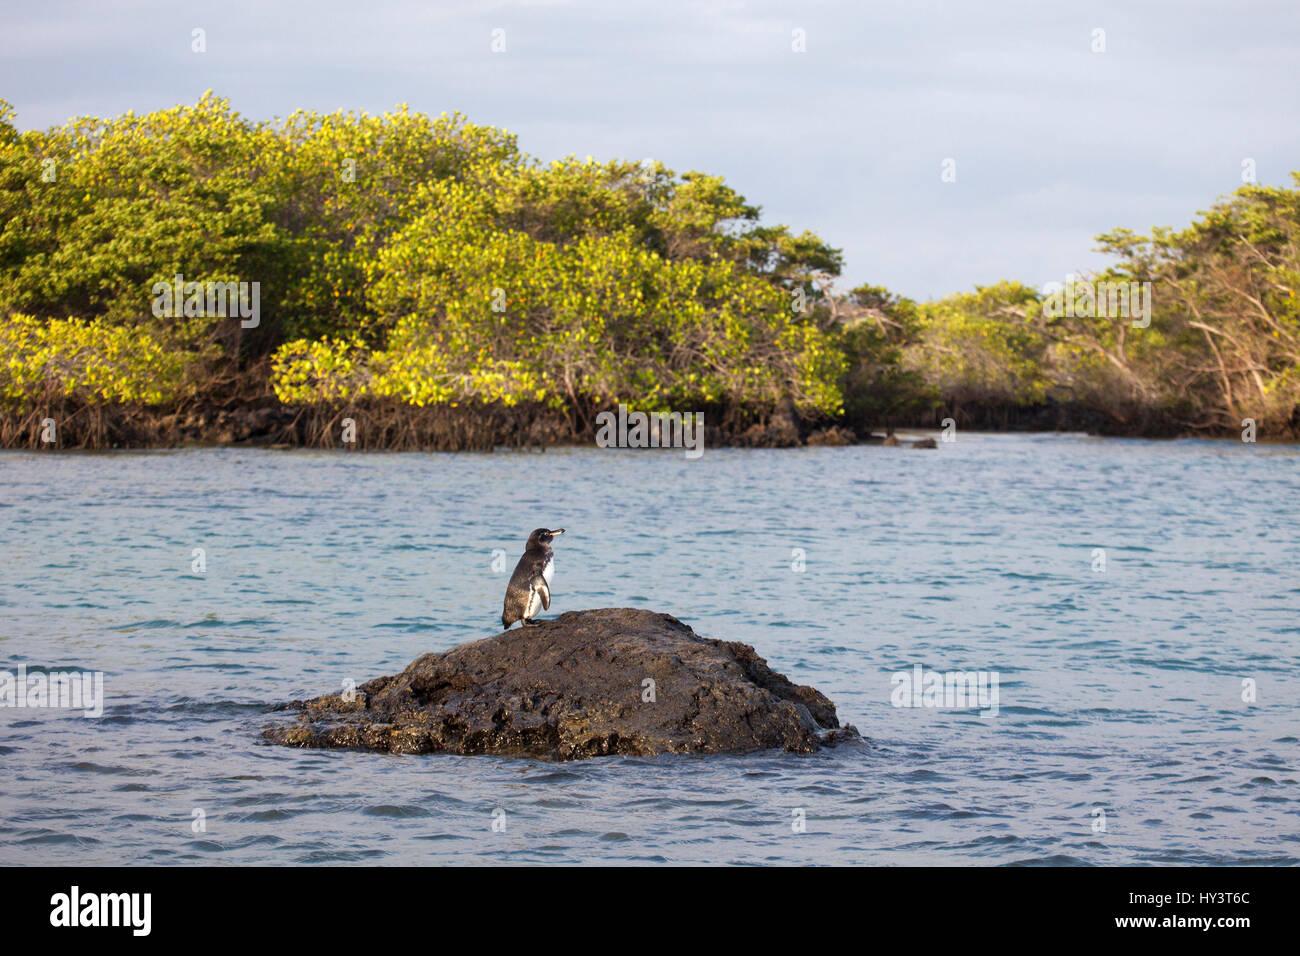 Le Galapagos Penguin (Spheniscus mendiculus) costiera e la foresta di mangrovie in corrispondenza di un marine Galapagos Immagini Stock